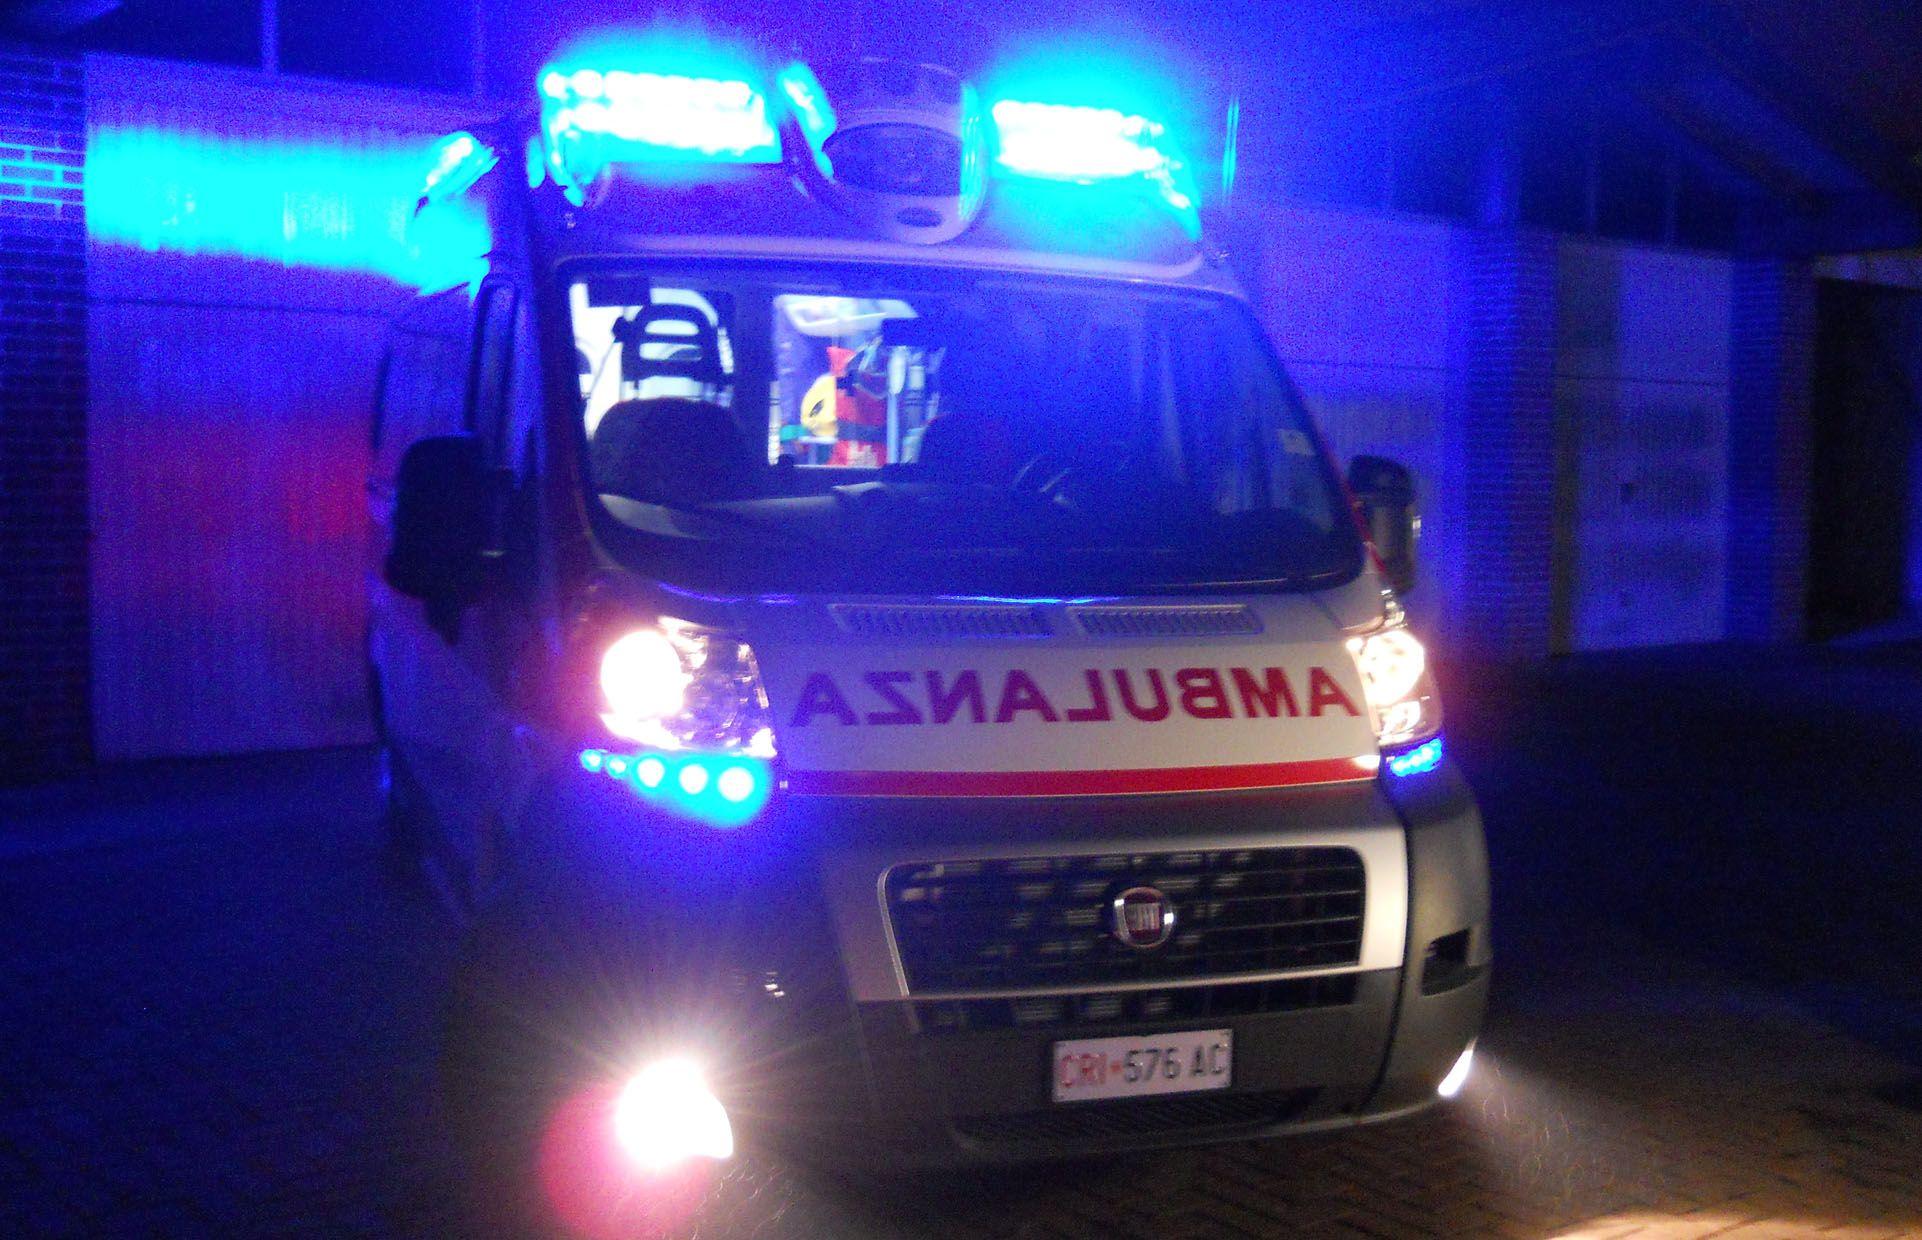 IVREA - Dimessa dall'ospedale, muore dopo quattro giorni: nessuna responsabilità dei medici